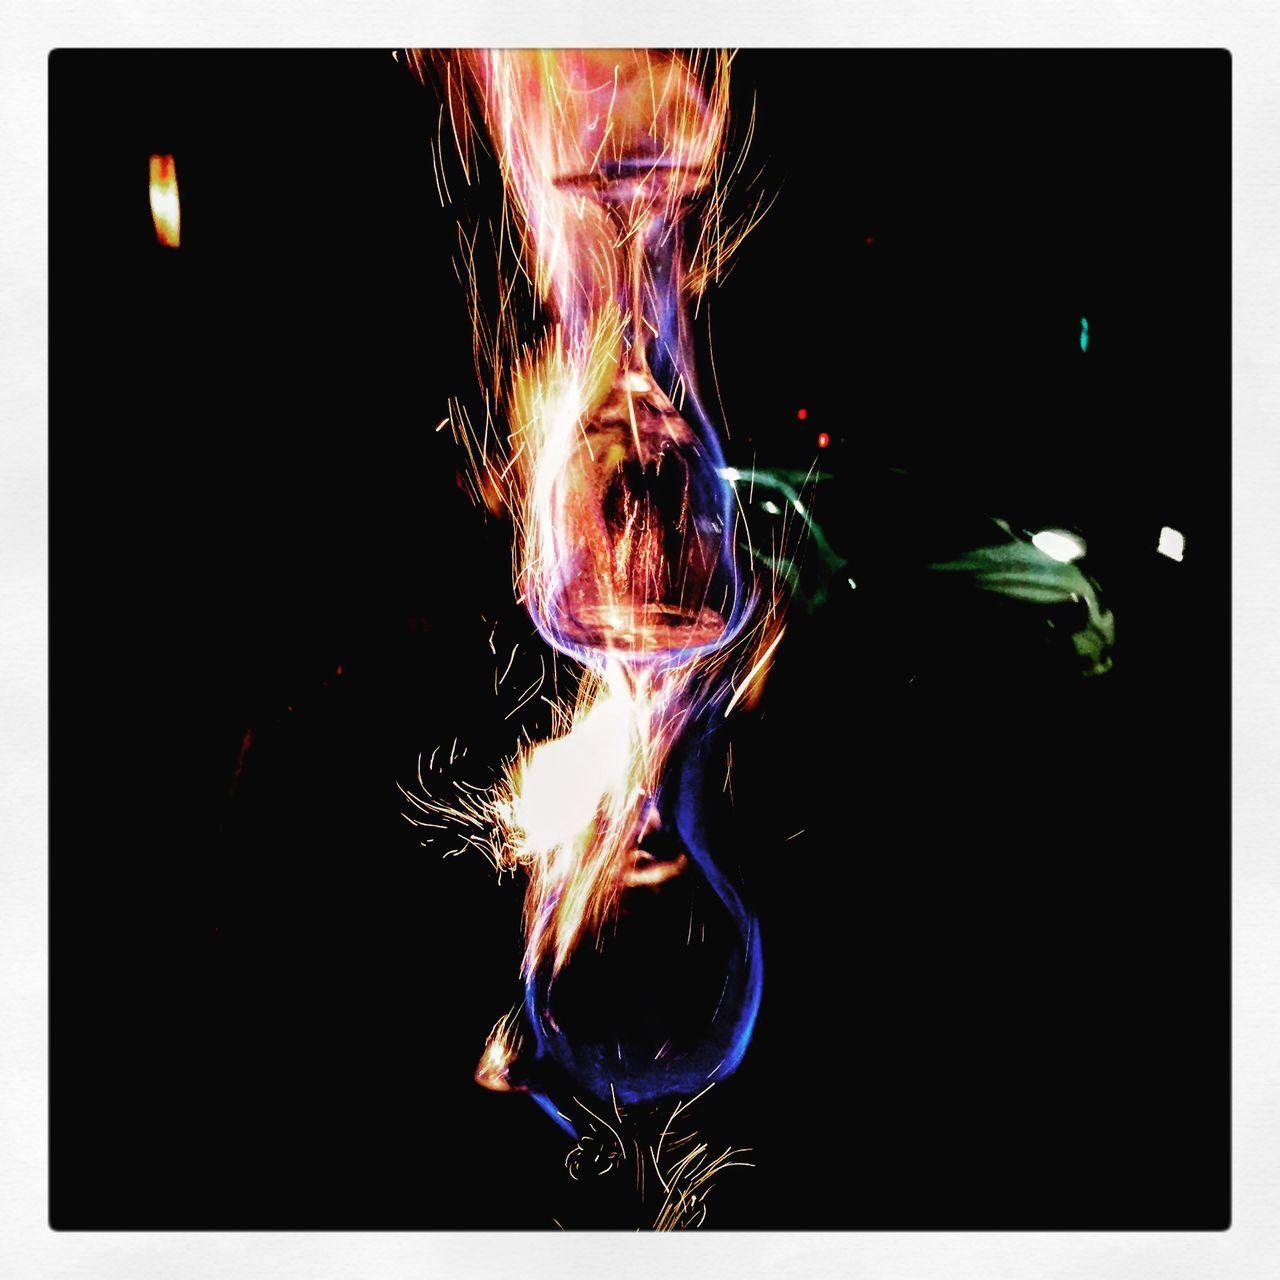 burning, flame, night, illuminated, motion, black background, long exposure, no people, close-up, outdoors